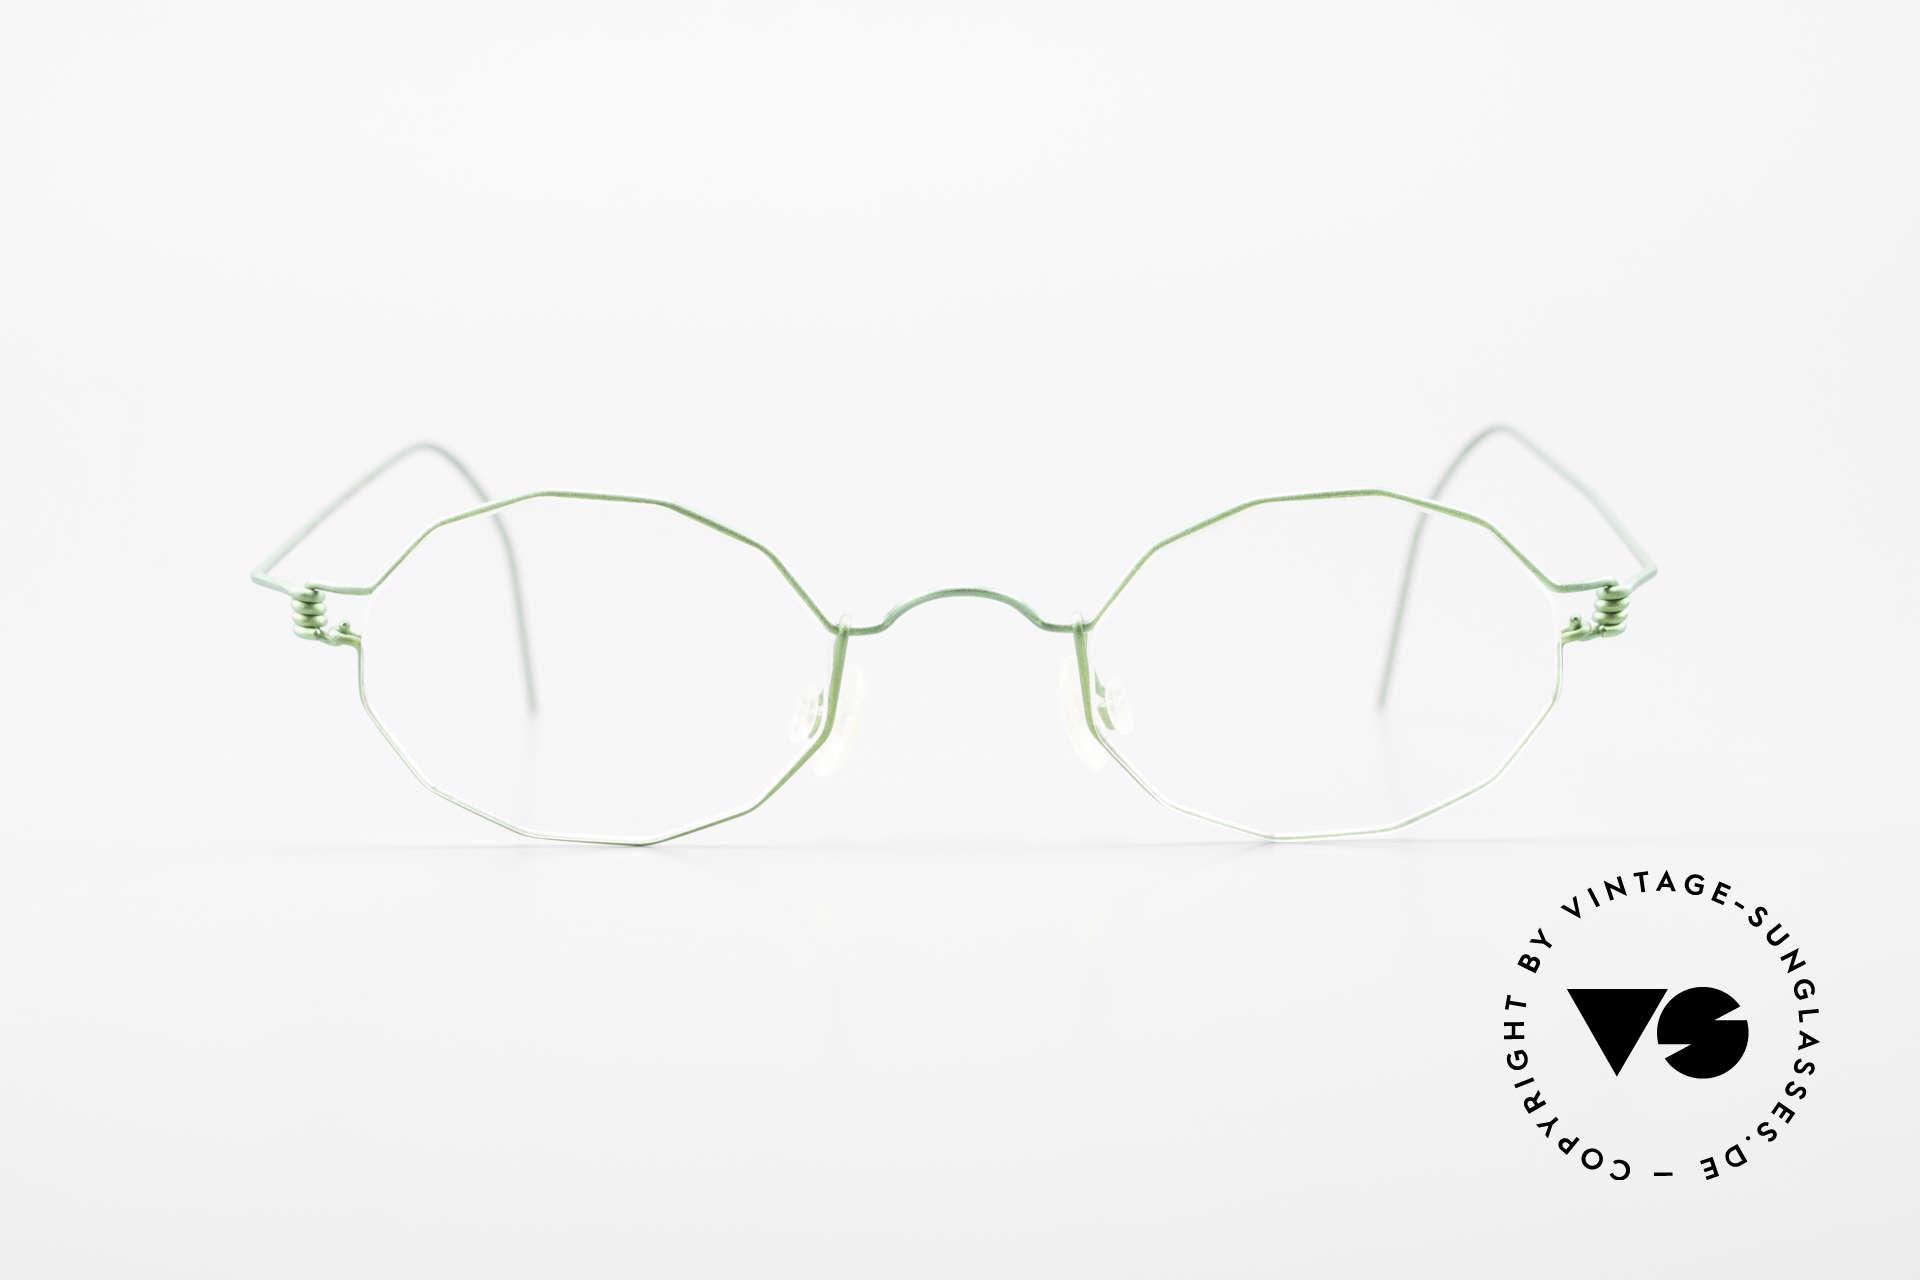 Lindberg Zeta Air Titan Rim Kleine Titanium Brille Unisex, vielfach ausgezeichnet hinsichtlich Qualität und Design, Passend für Herren und Damen